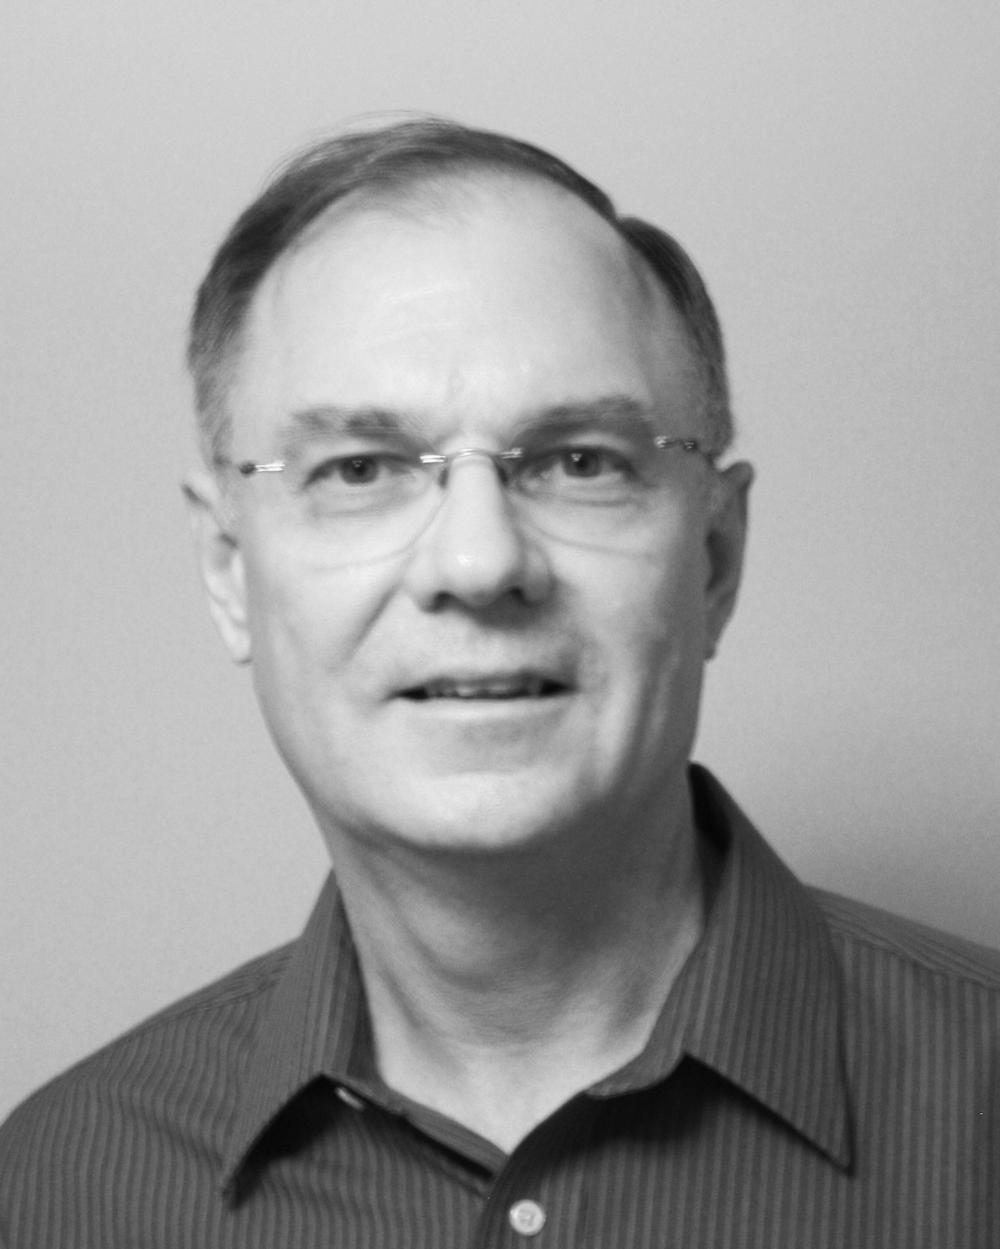 PAUL QUECK | SENIOR WRITER